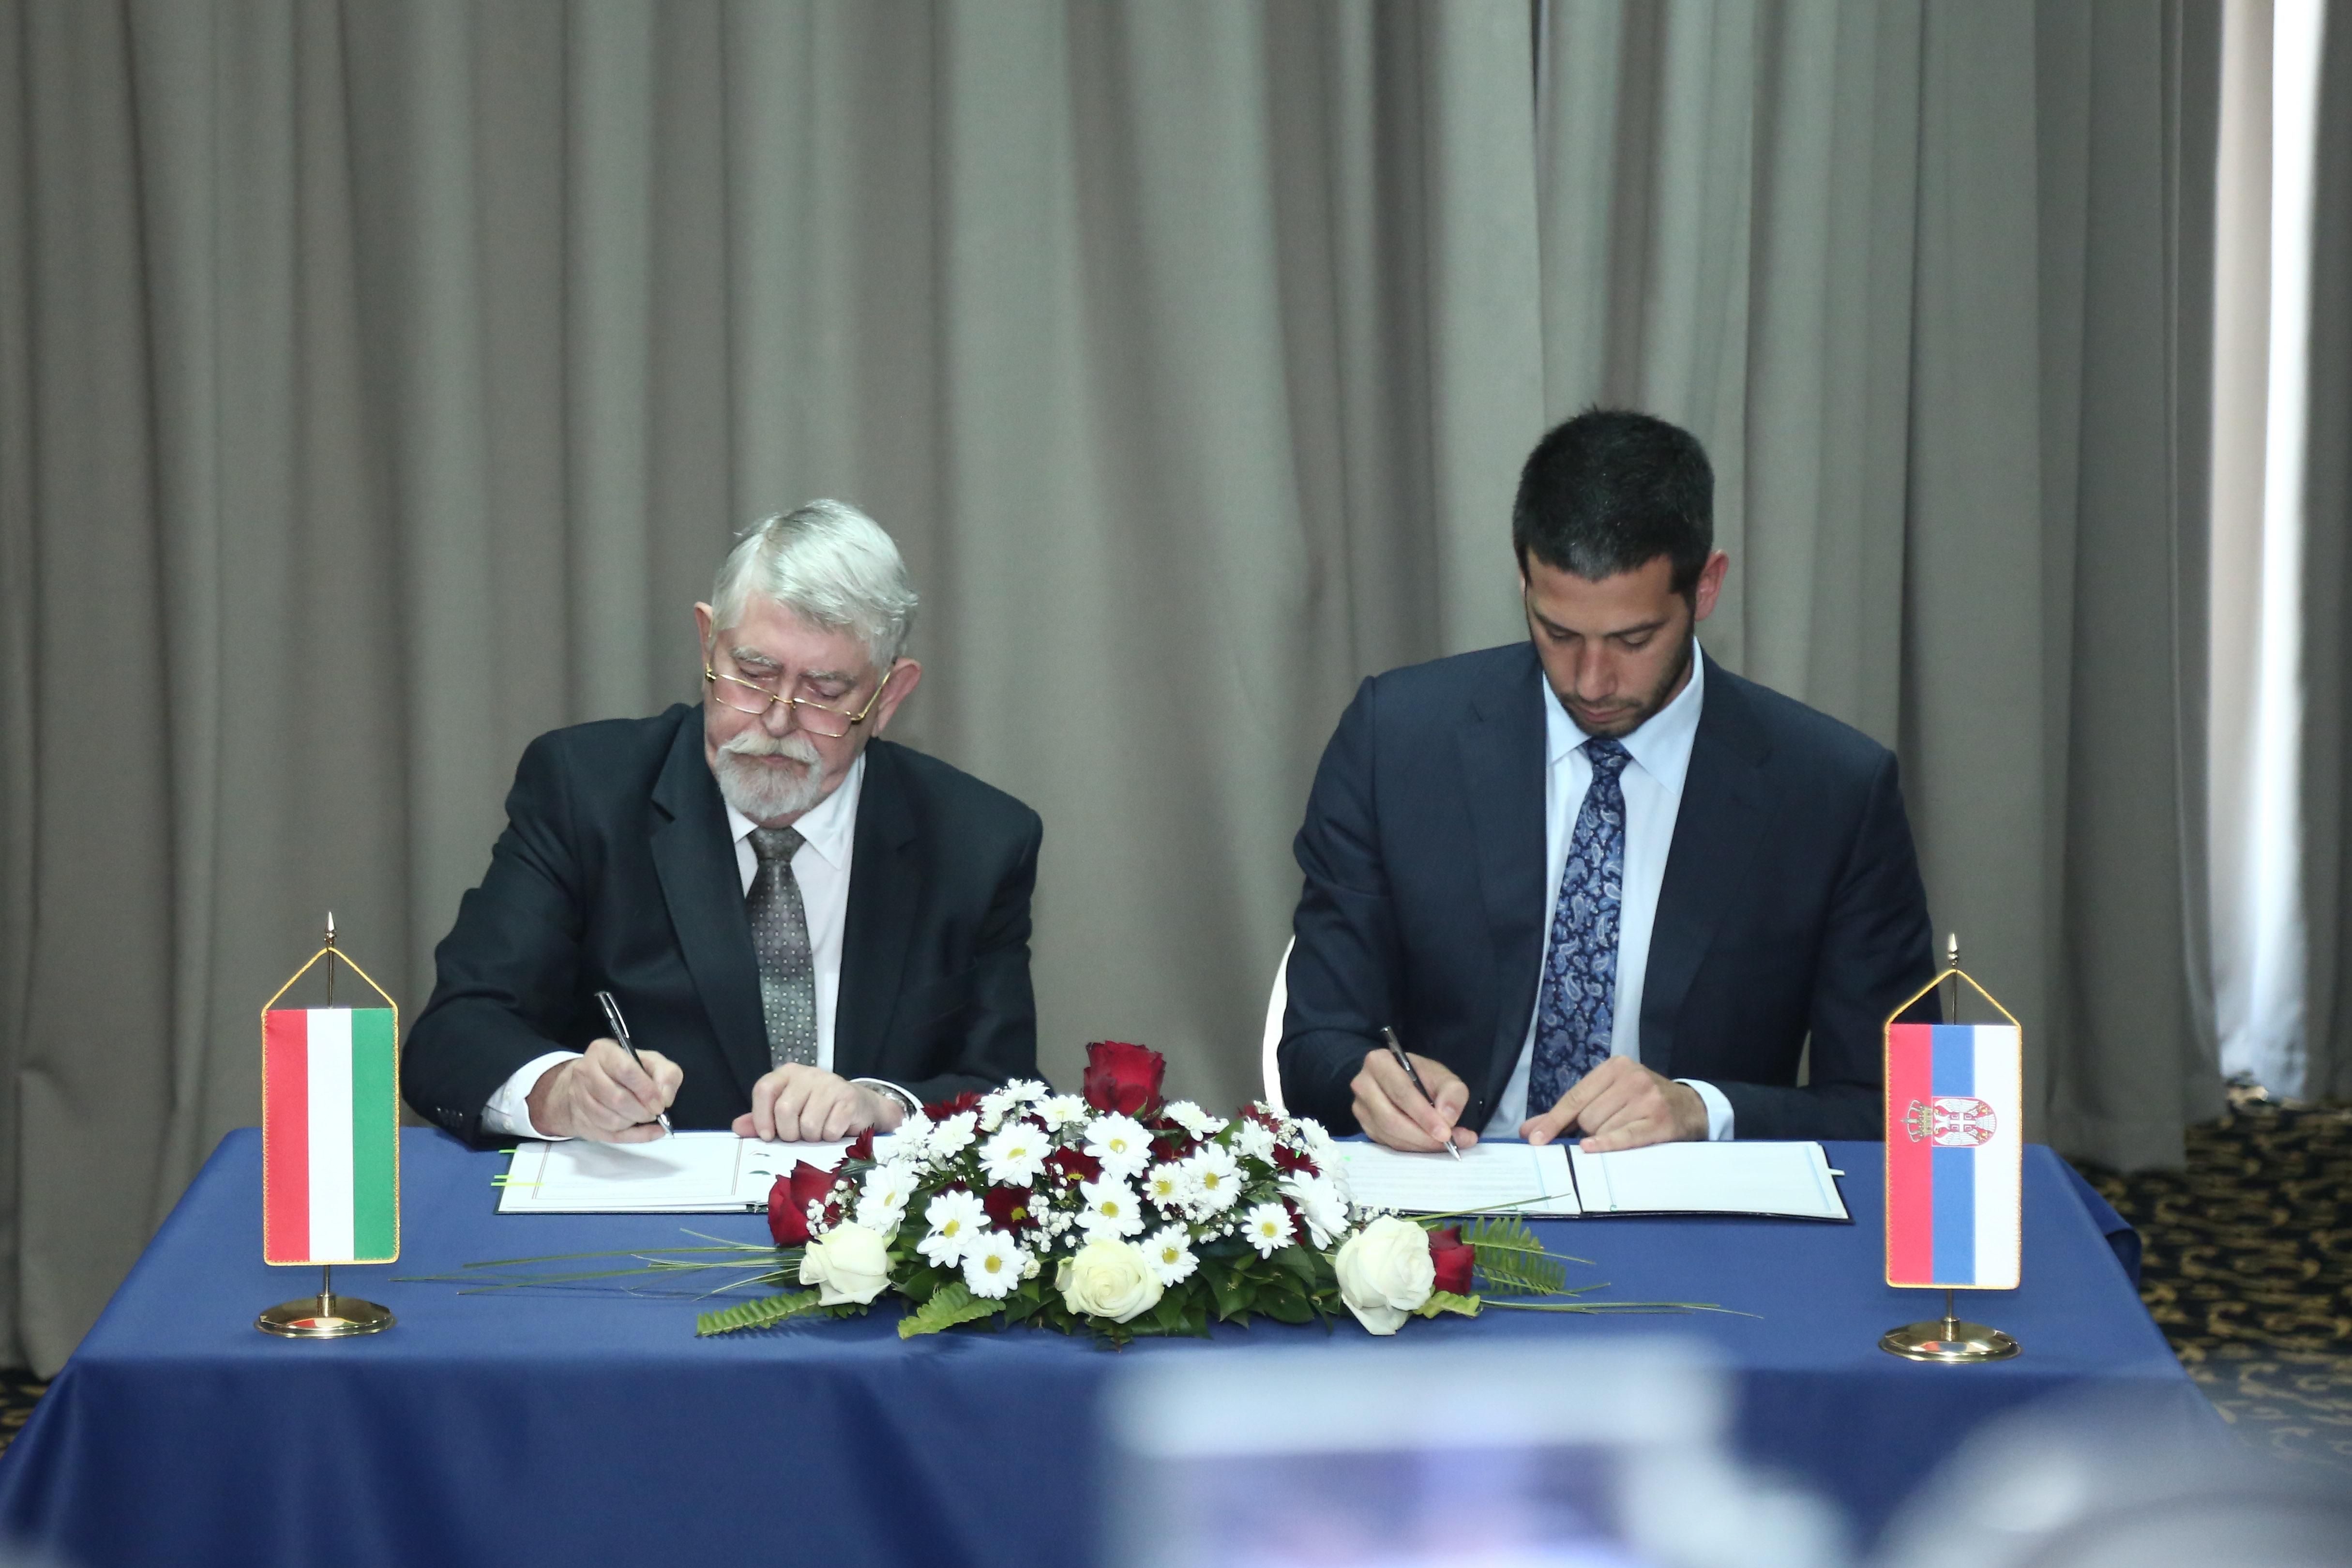 Potpisan Memorandum o saradnji u oblasti omladine i sporta između Srbije i Mađarske